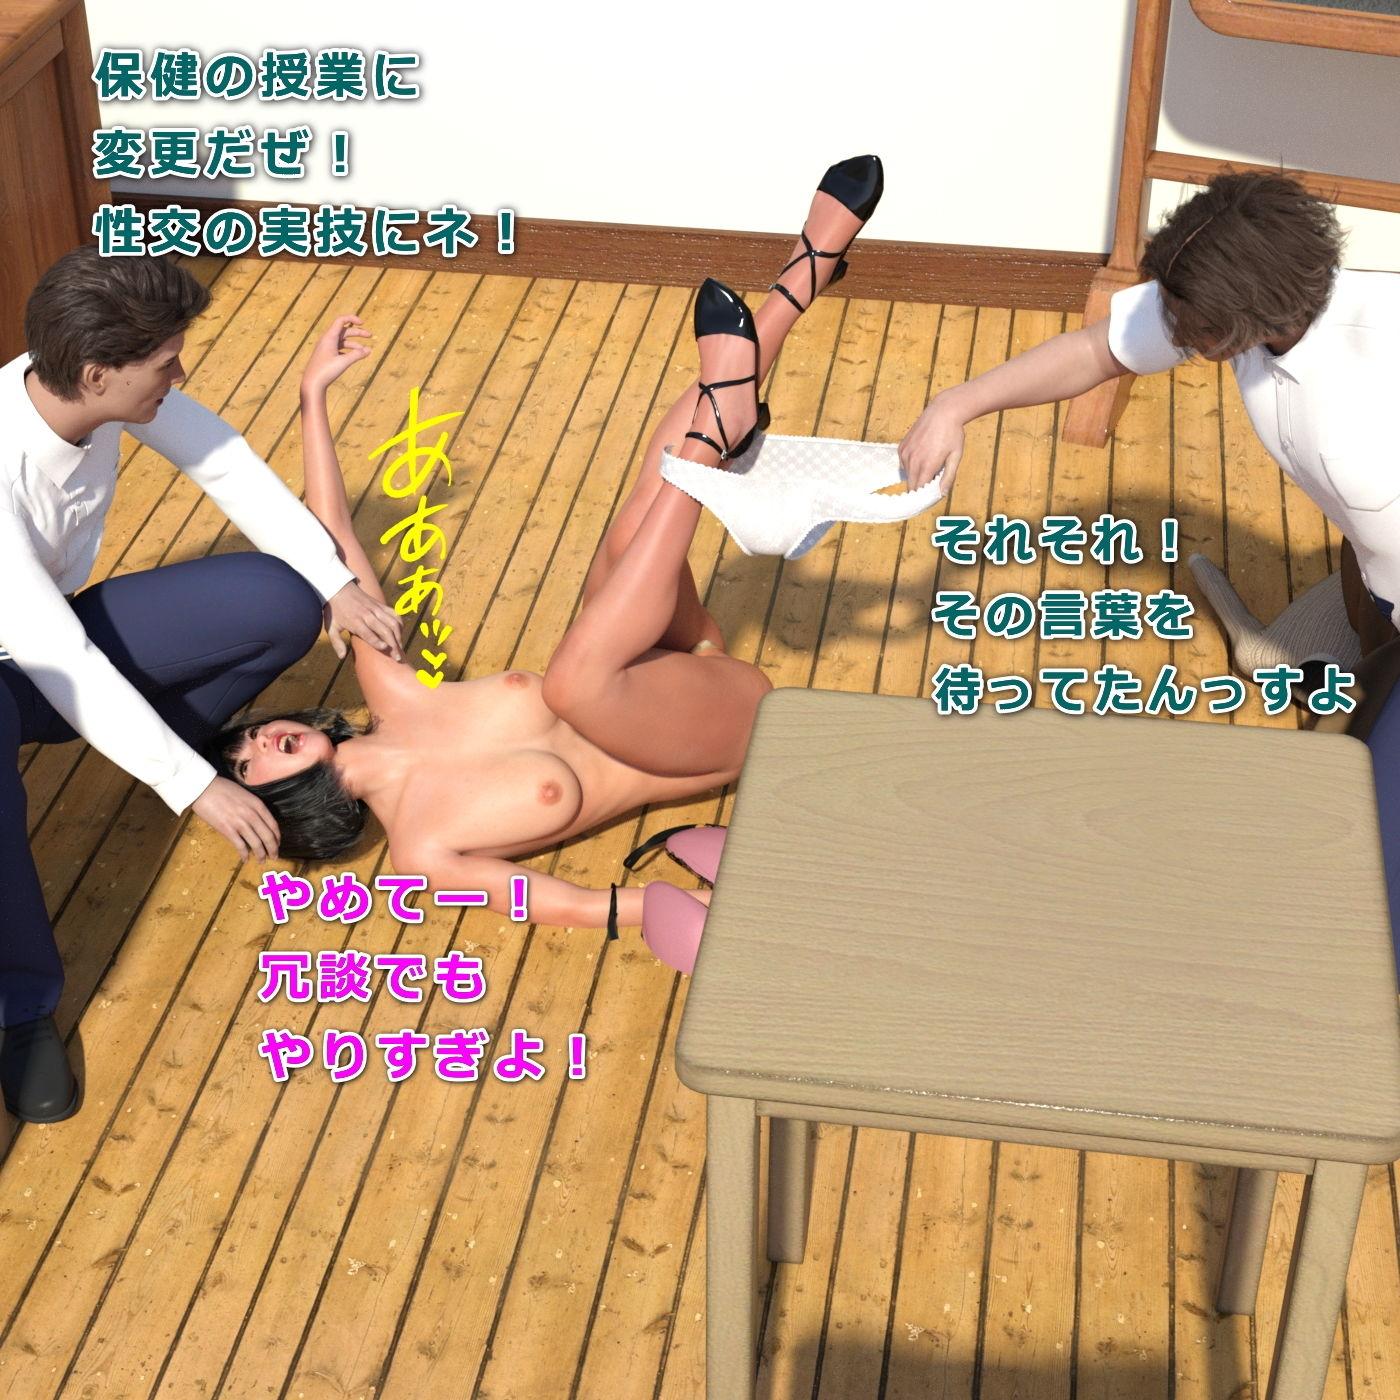 ミユキのスカトロ羞恥 学園の脱糞女王 エロ画像